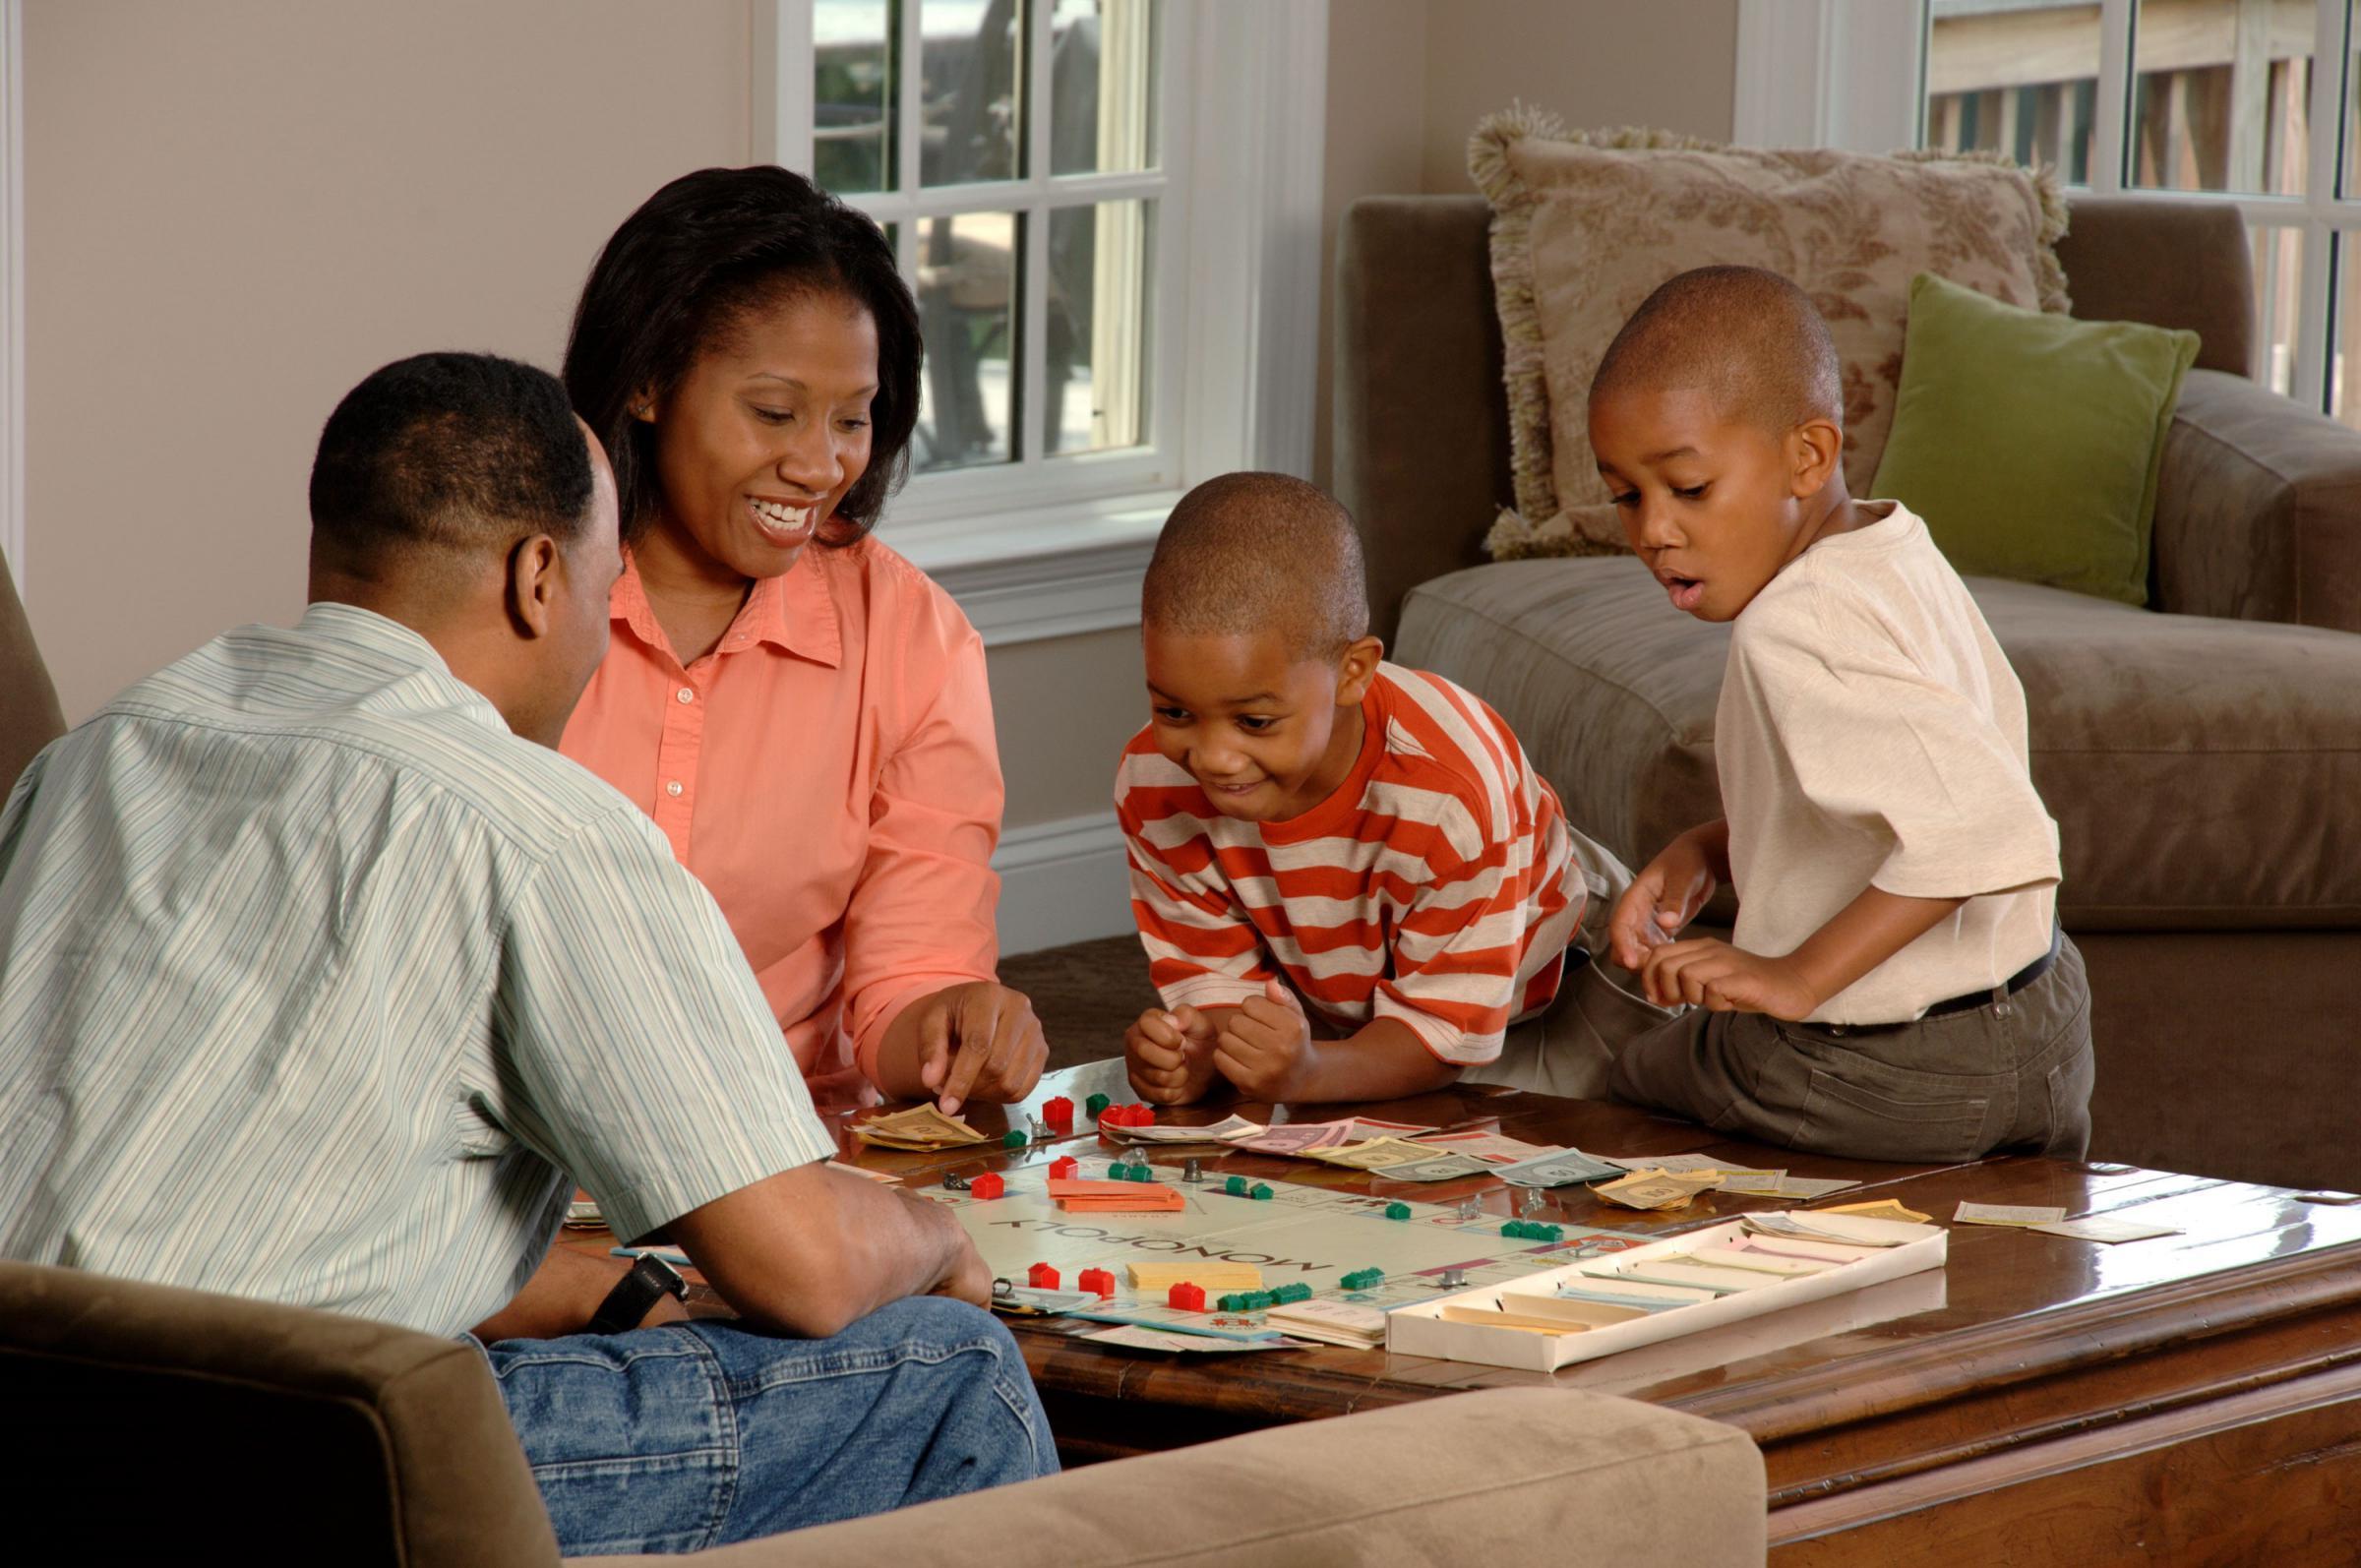 Seeking Adoption For Children in Foster Care | WGLT